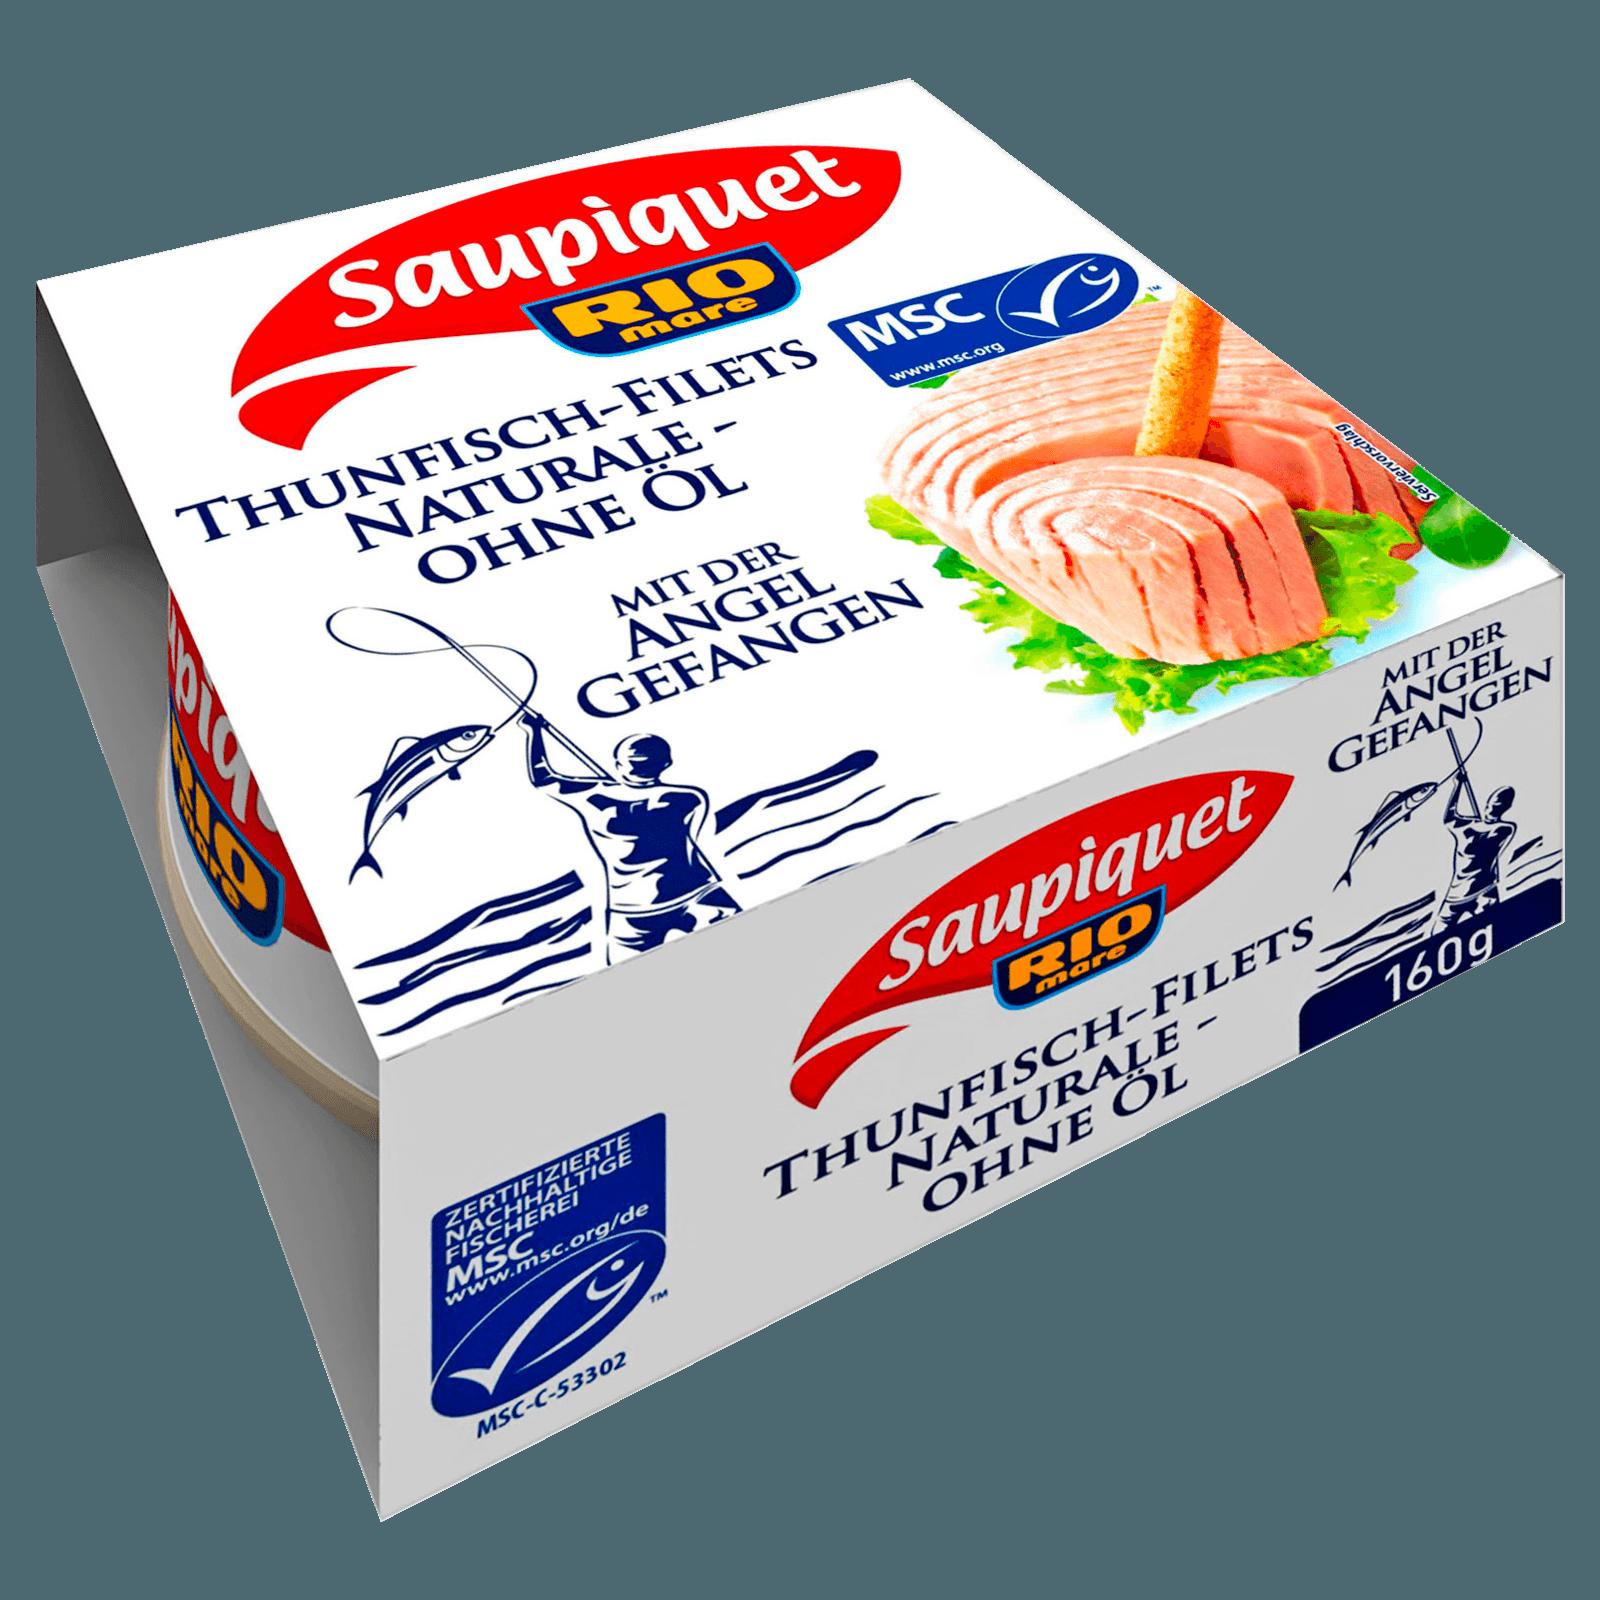 Saupiquet MSC Thunfisch-Filets Natur 112g